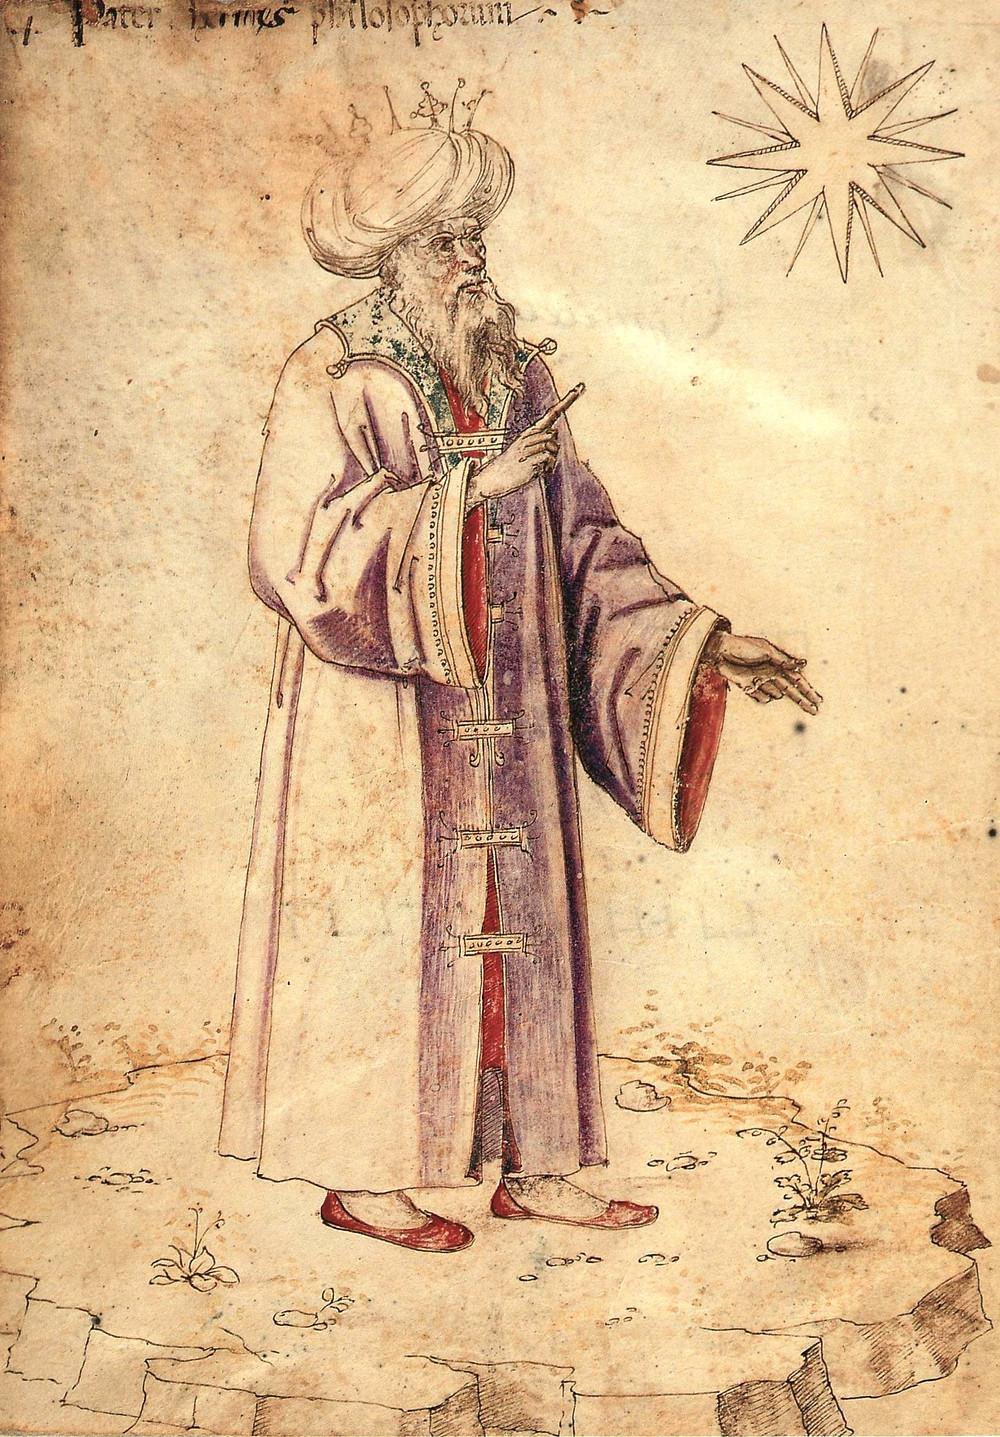 Pater Hermes philosophorum. Hermes Trismegistus utilizando um turbante árabe e ostentando uma coroa. Publicada aproximadamente durante o ano de 1475 em um manuscrito alquímico que se encontra armazenado na Biblioteca Medicea Laurenziana, em Florença.